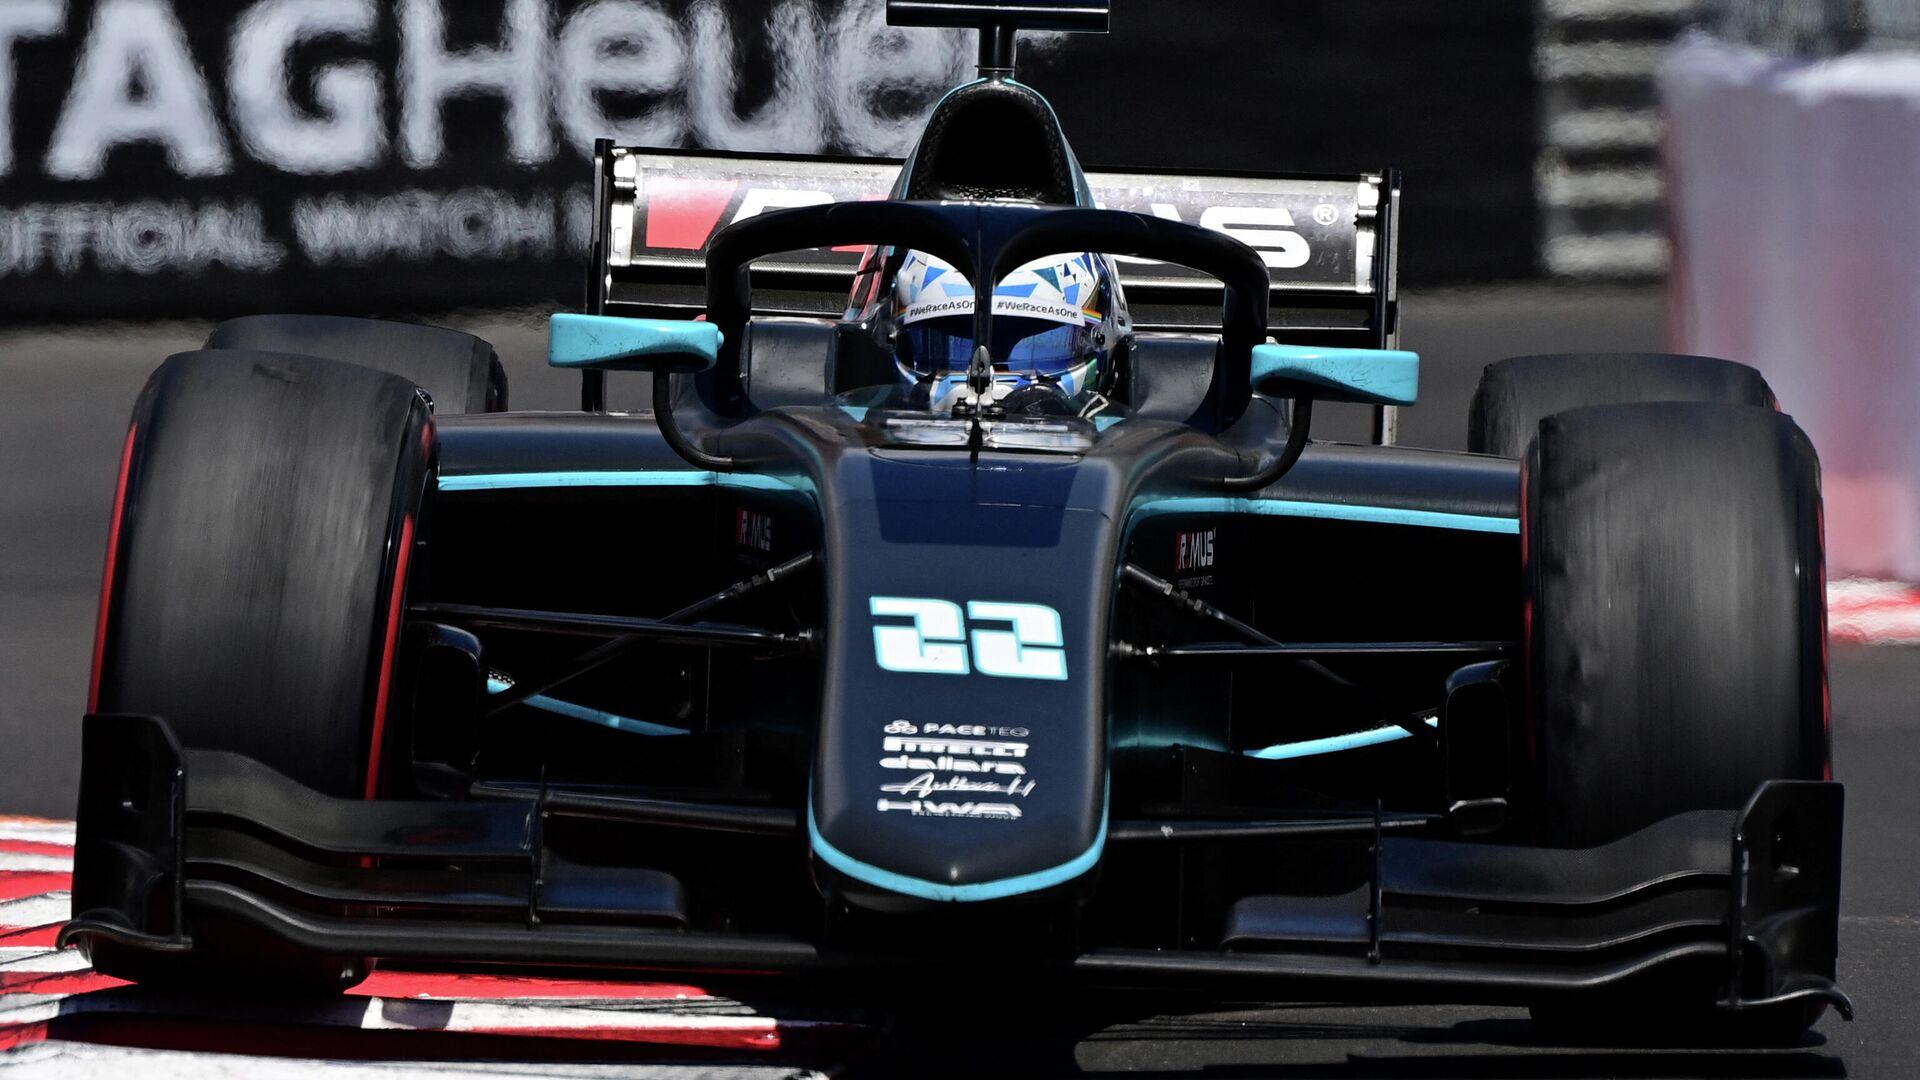 Резервный пилот команды Формулы-1 Уильямс Джек Эйткен - РИА Новости, 1920, 01.08.2021